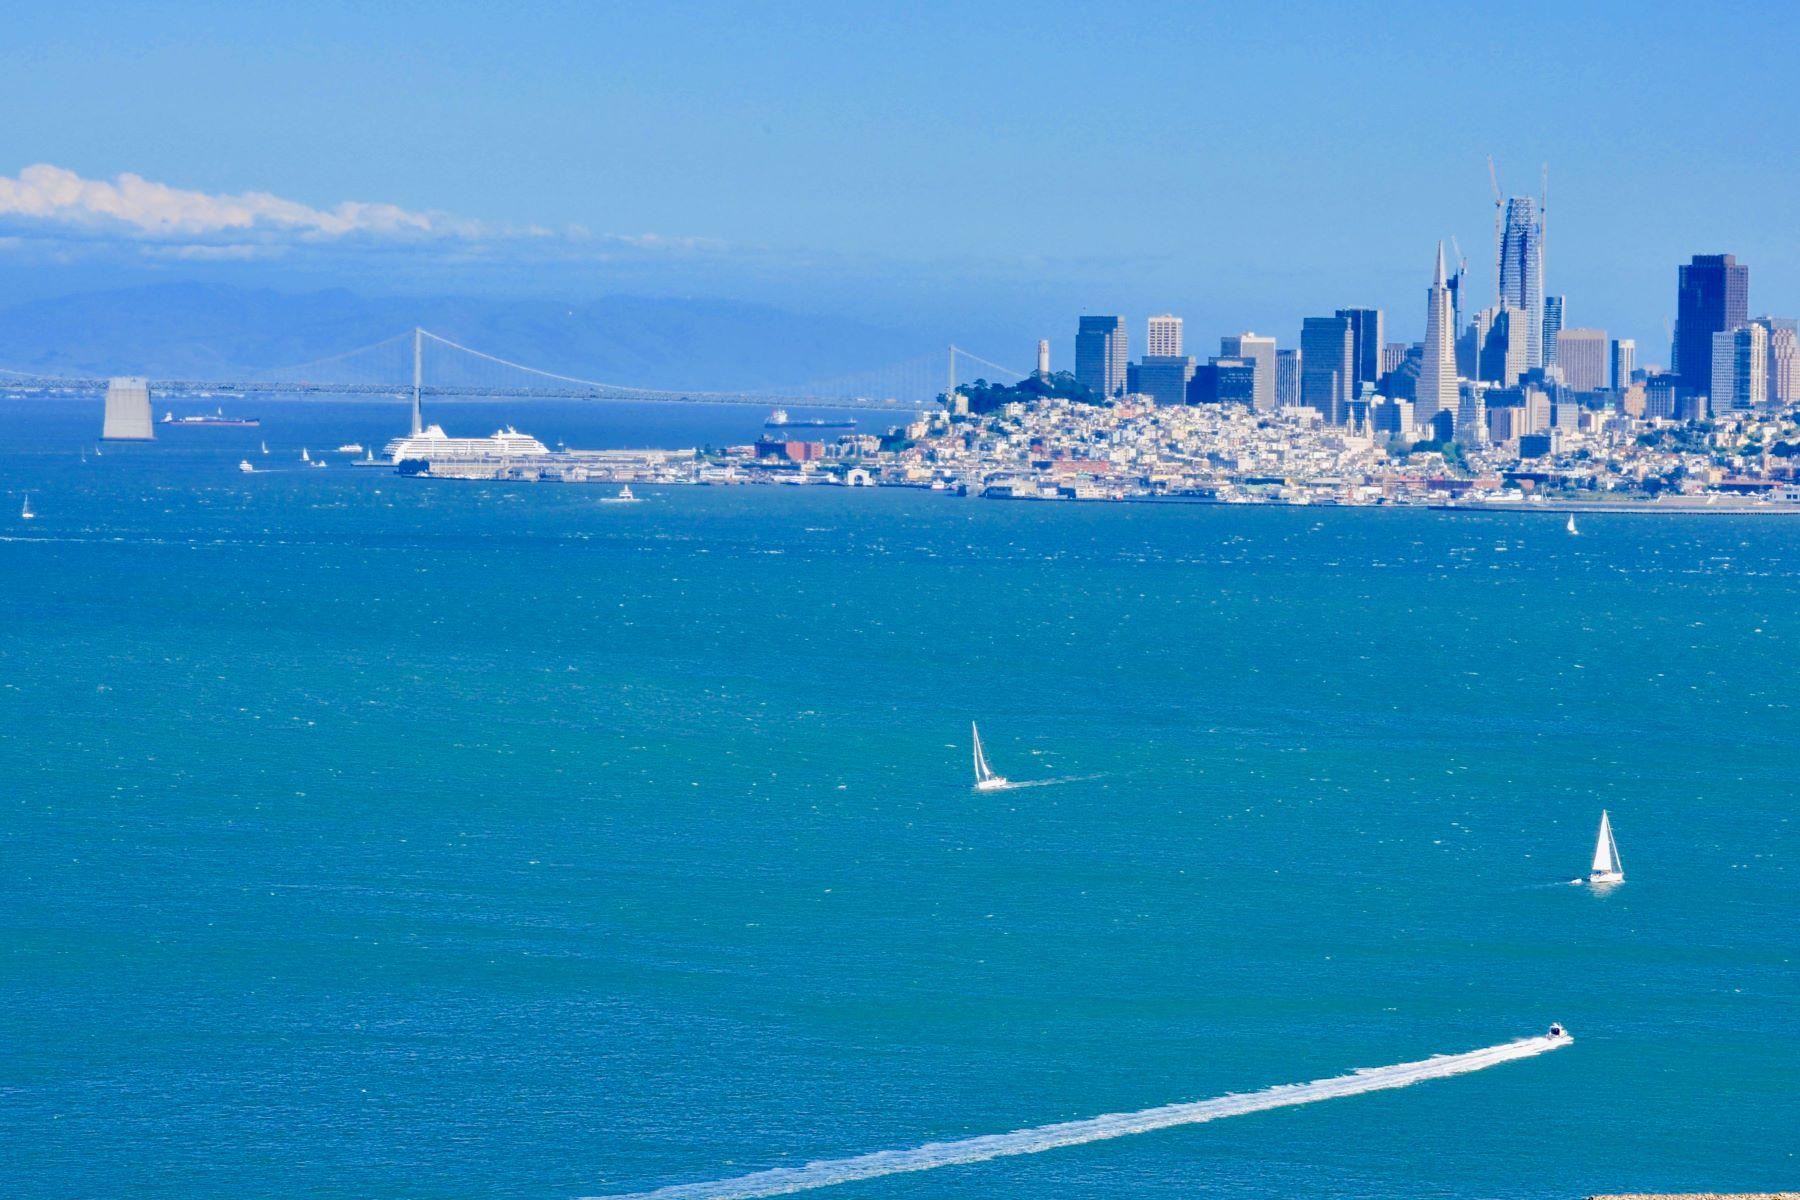 独户住宅 为 出租 在 Charming Sausalito Home with Spectacular San Francisco Views and Swimming Pool! 25 Spencer Court 索萨利托, 加利福尼亚州 94965 美国